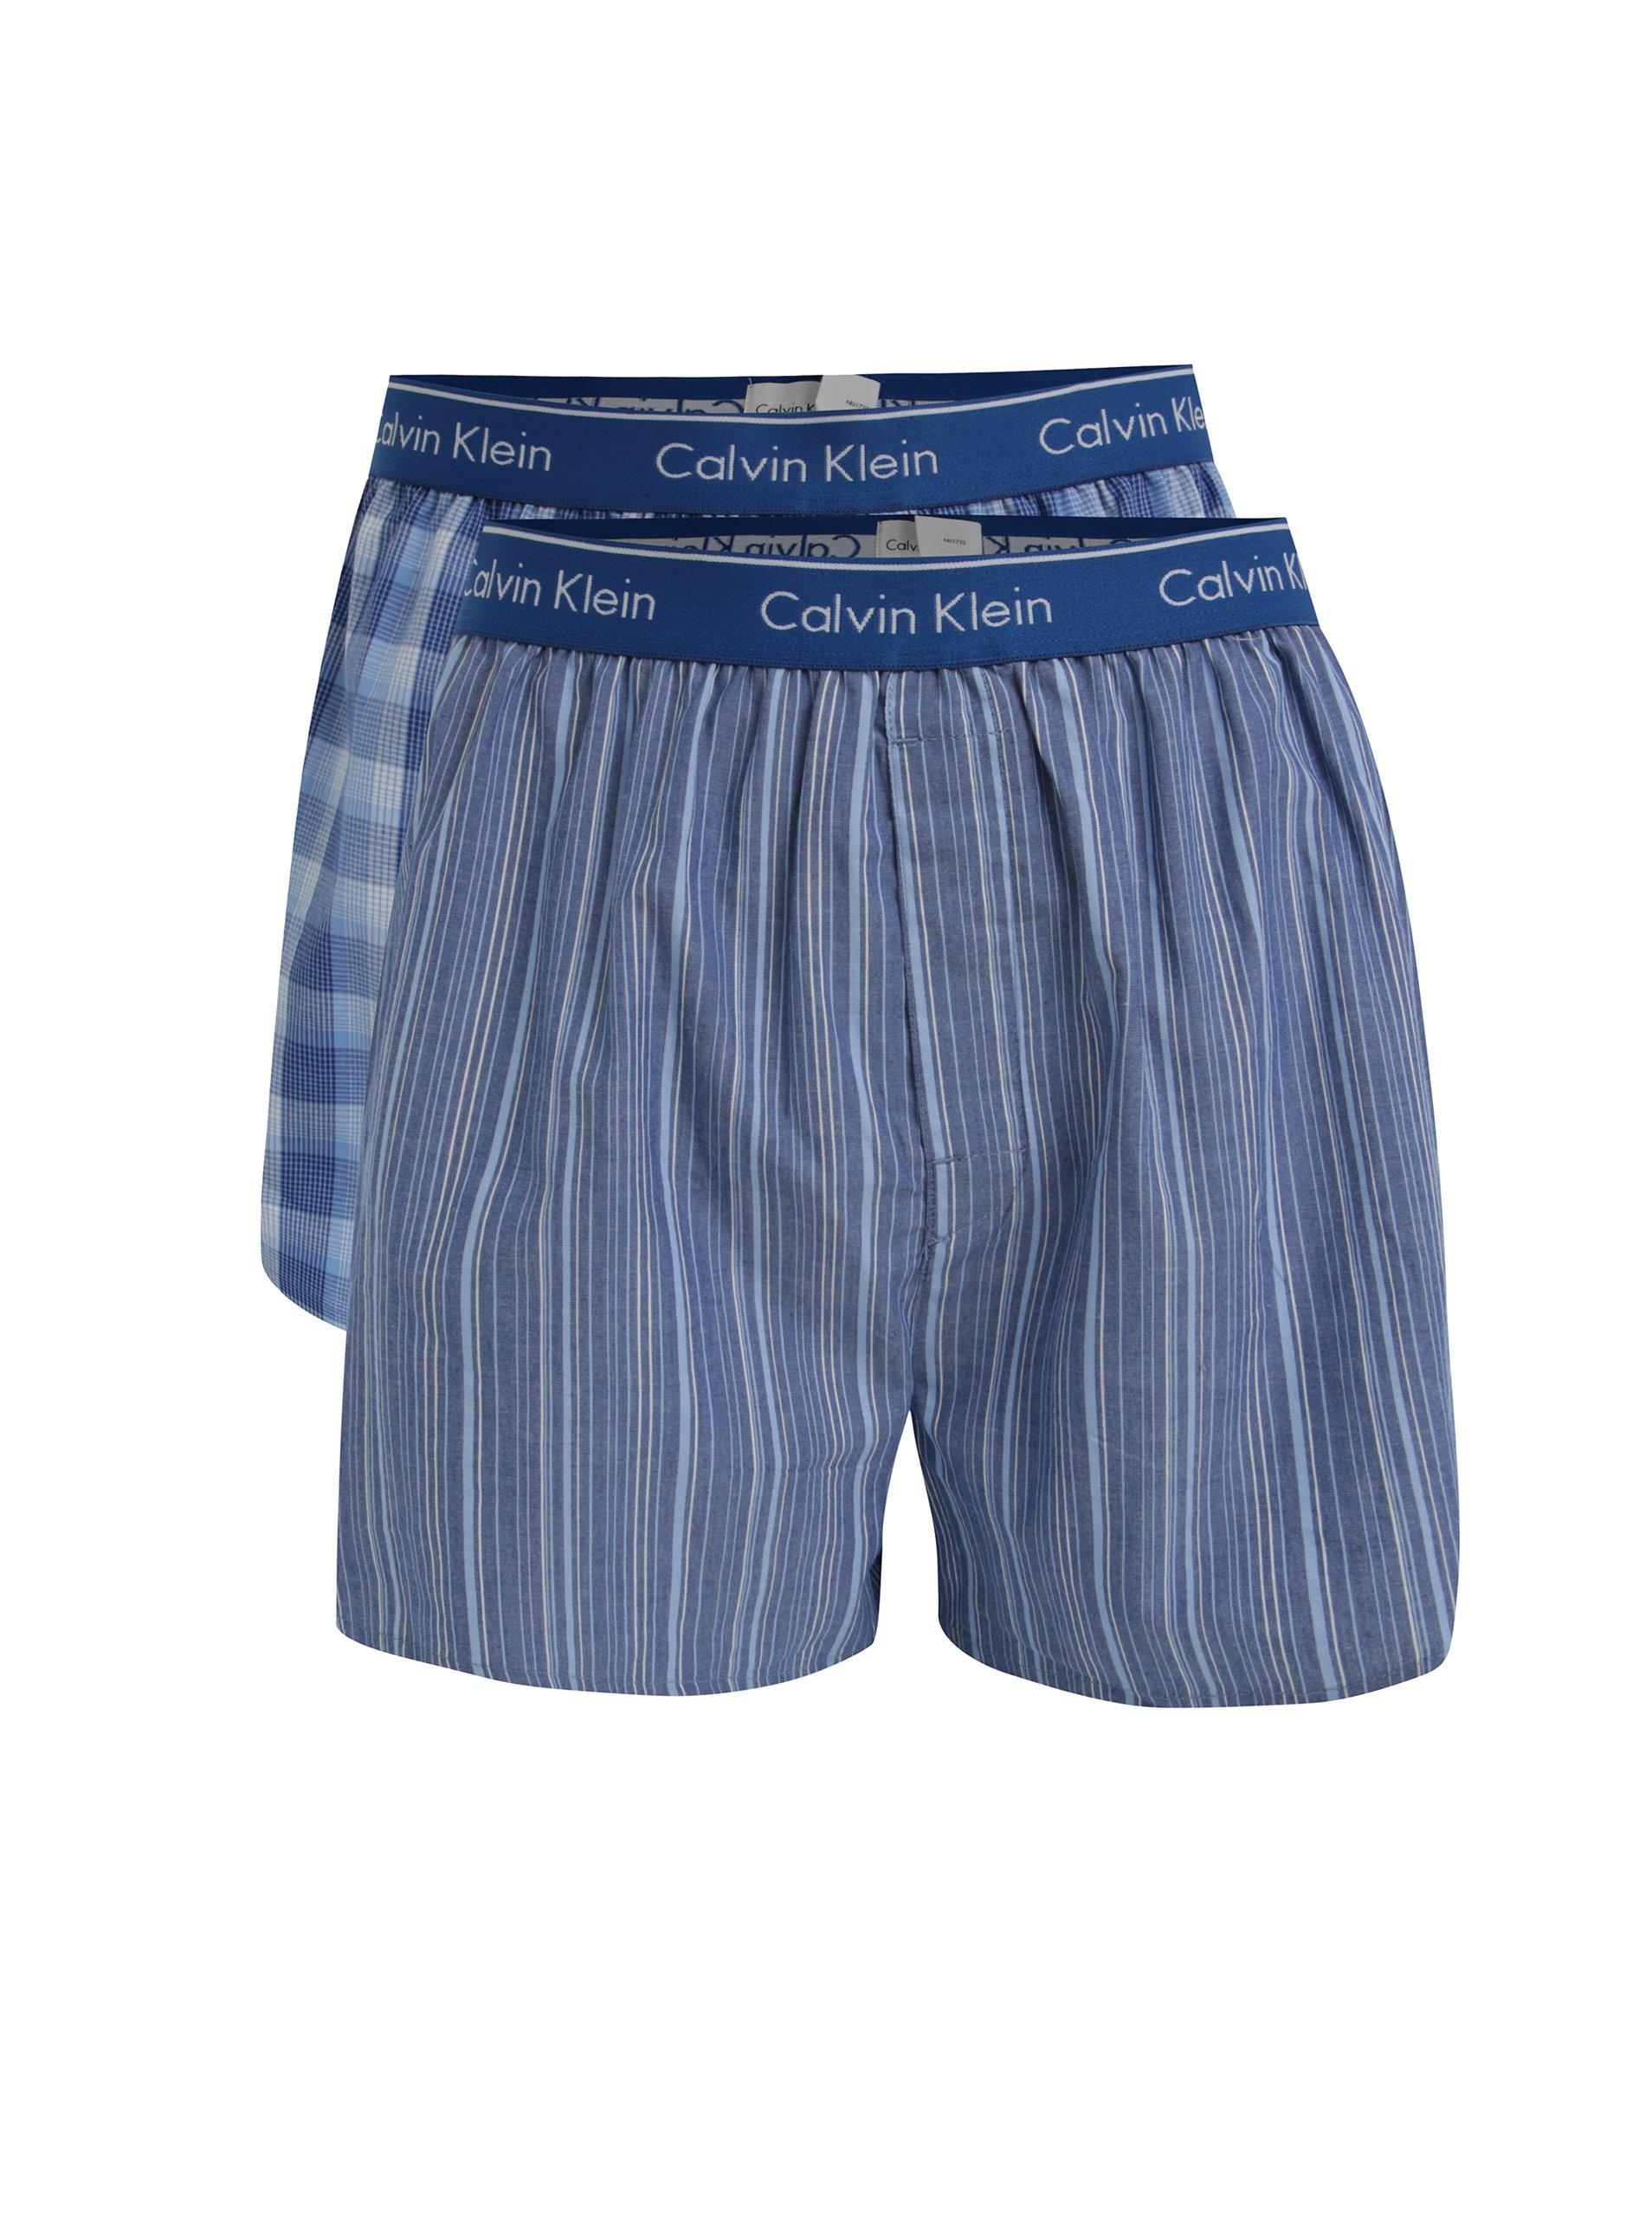 945df6edb4 Súprava dvoch vzorovaných classic fit trenírok v modrej farbe Calvin Klein